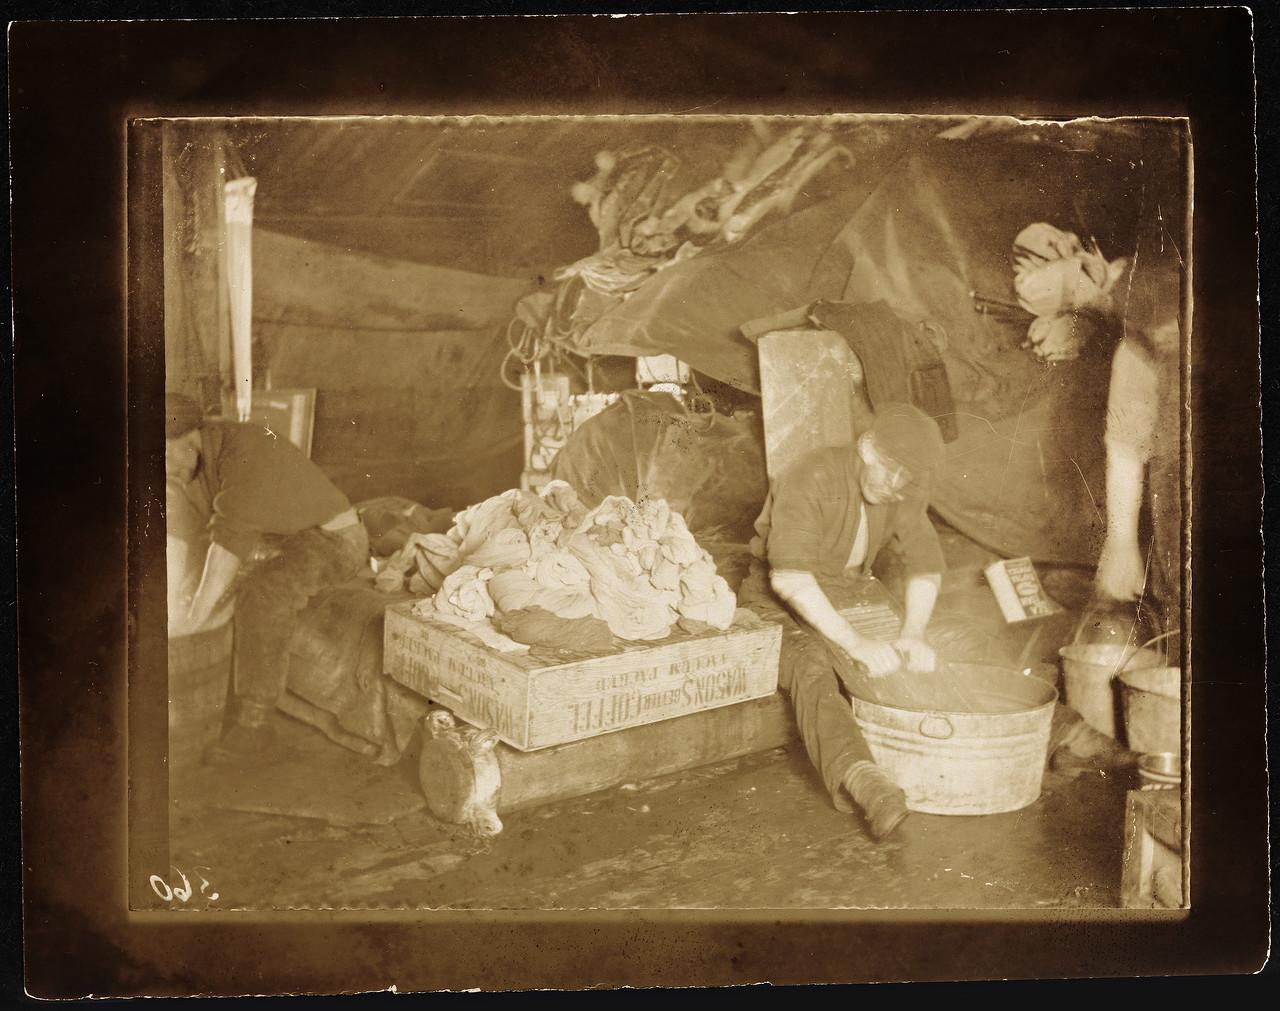 NPRA437._Roald_Amundsen_vasker_klær_om_bord_i__Maud__-_Roald_Amundsen_doing_laundry_aboard_the__Maud__(16911137910).jpg